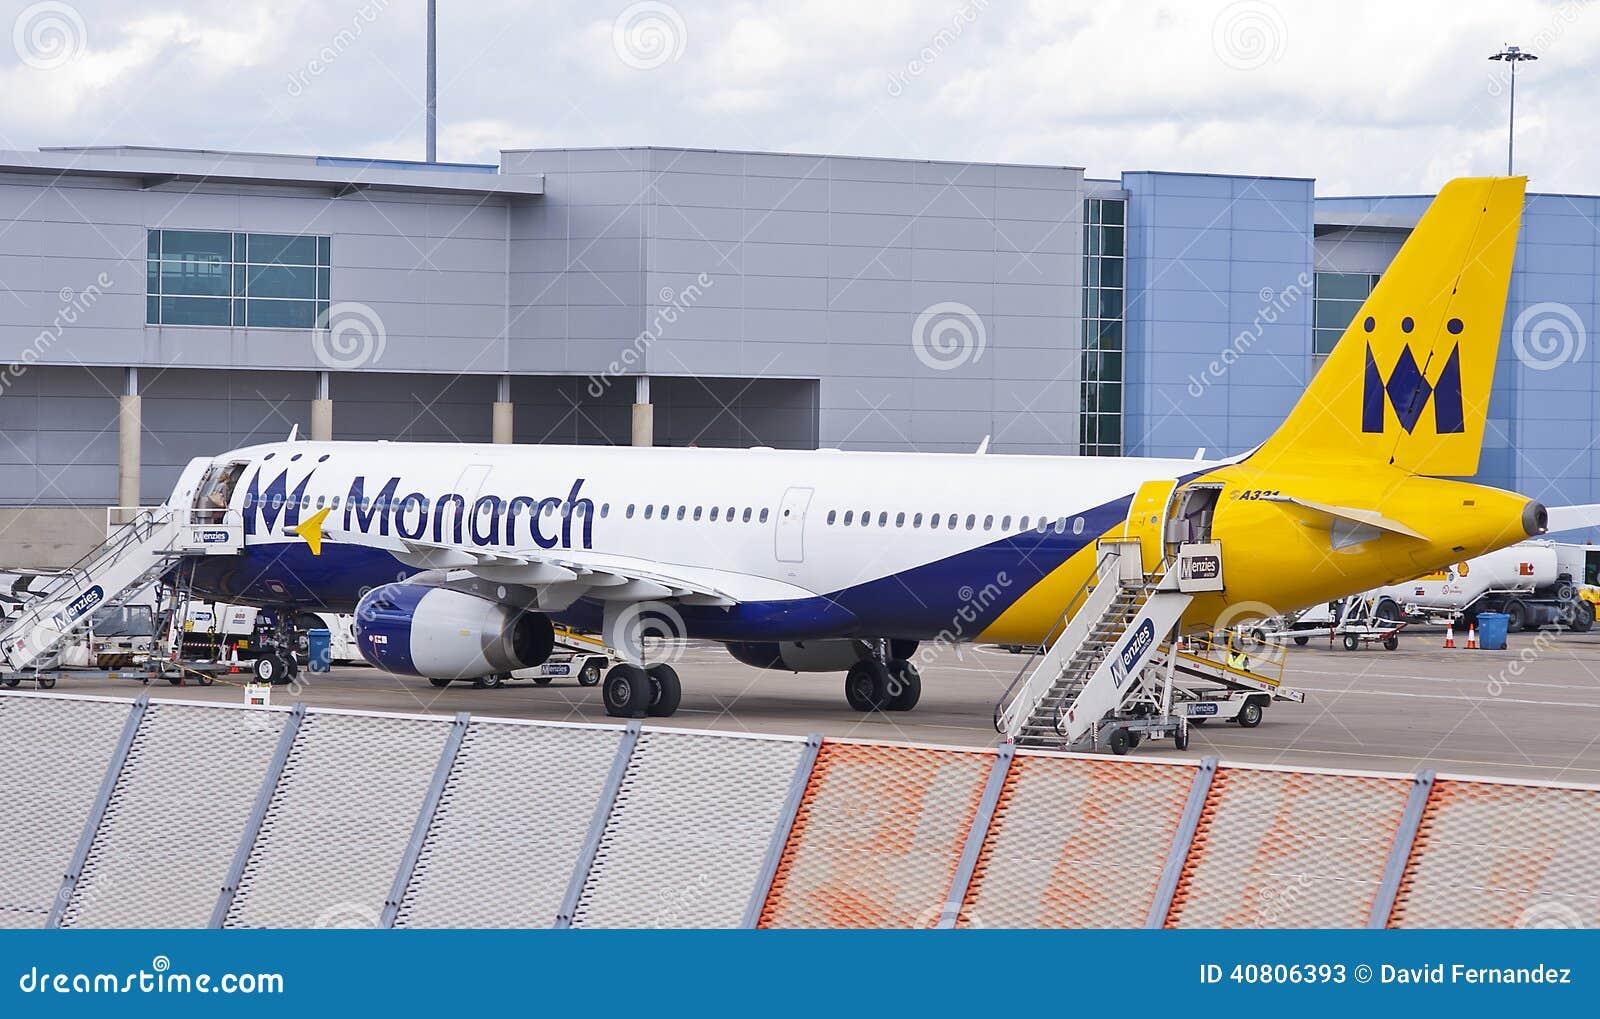 国君航空公司飞机在机场